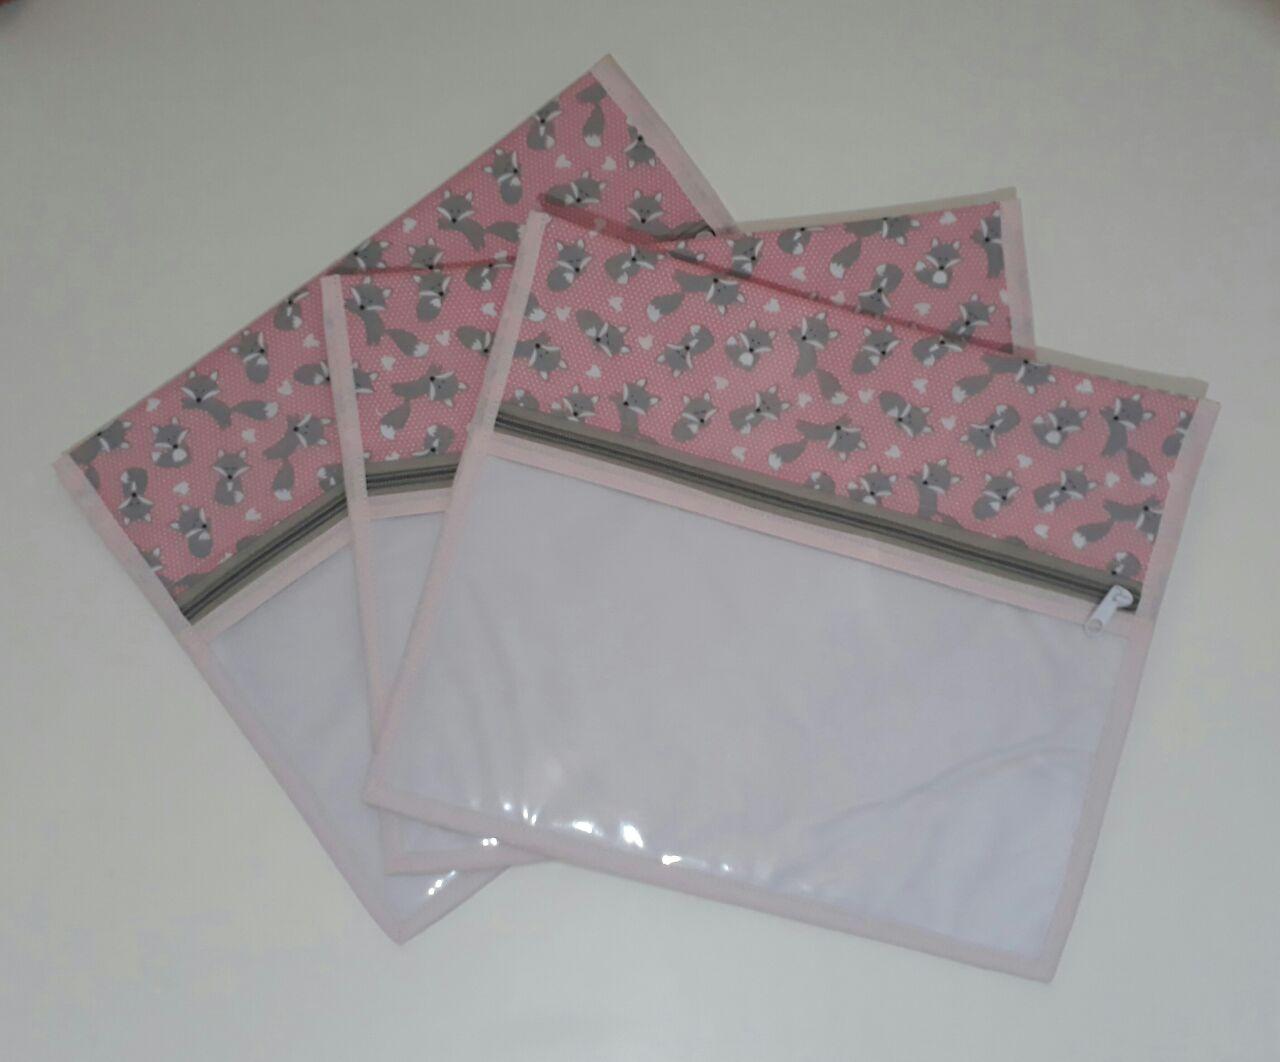 Kit Saquinho Maternidade Raposinha Rosa - 3 Unidades